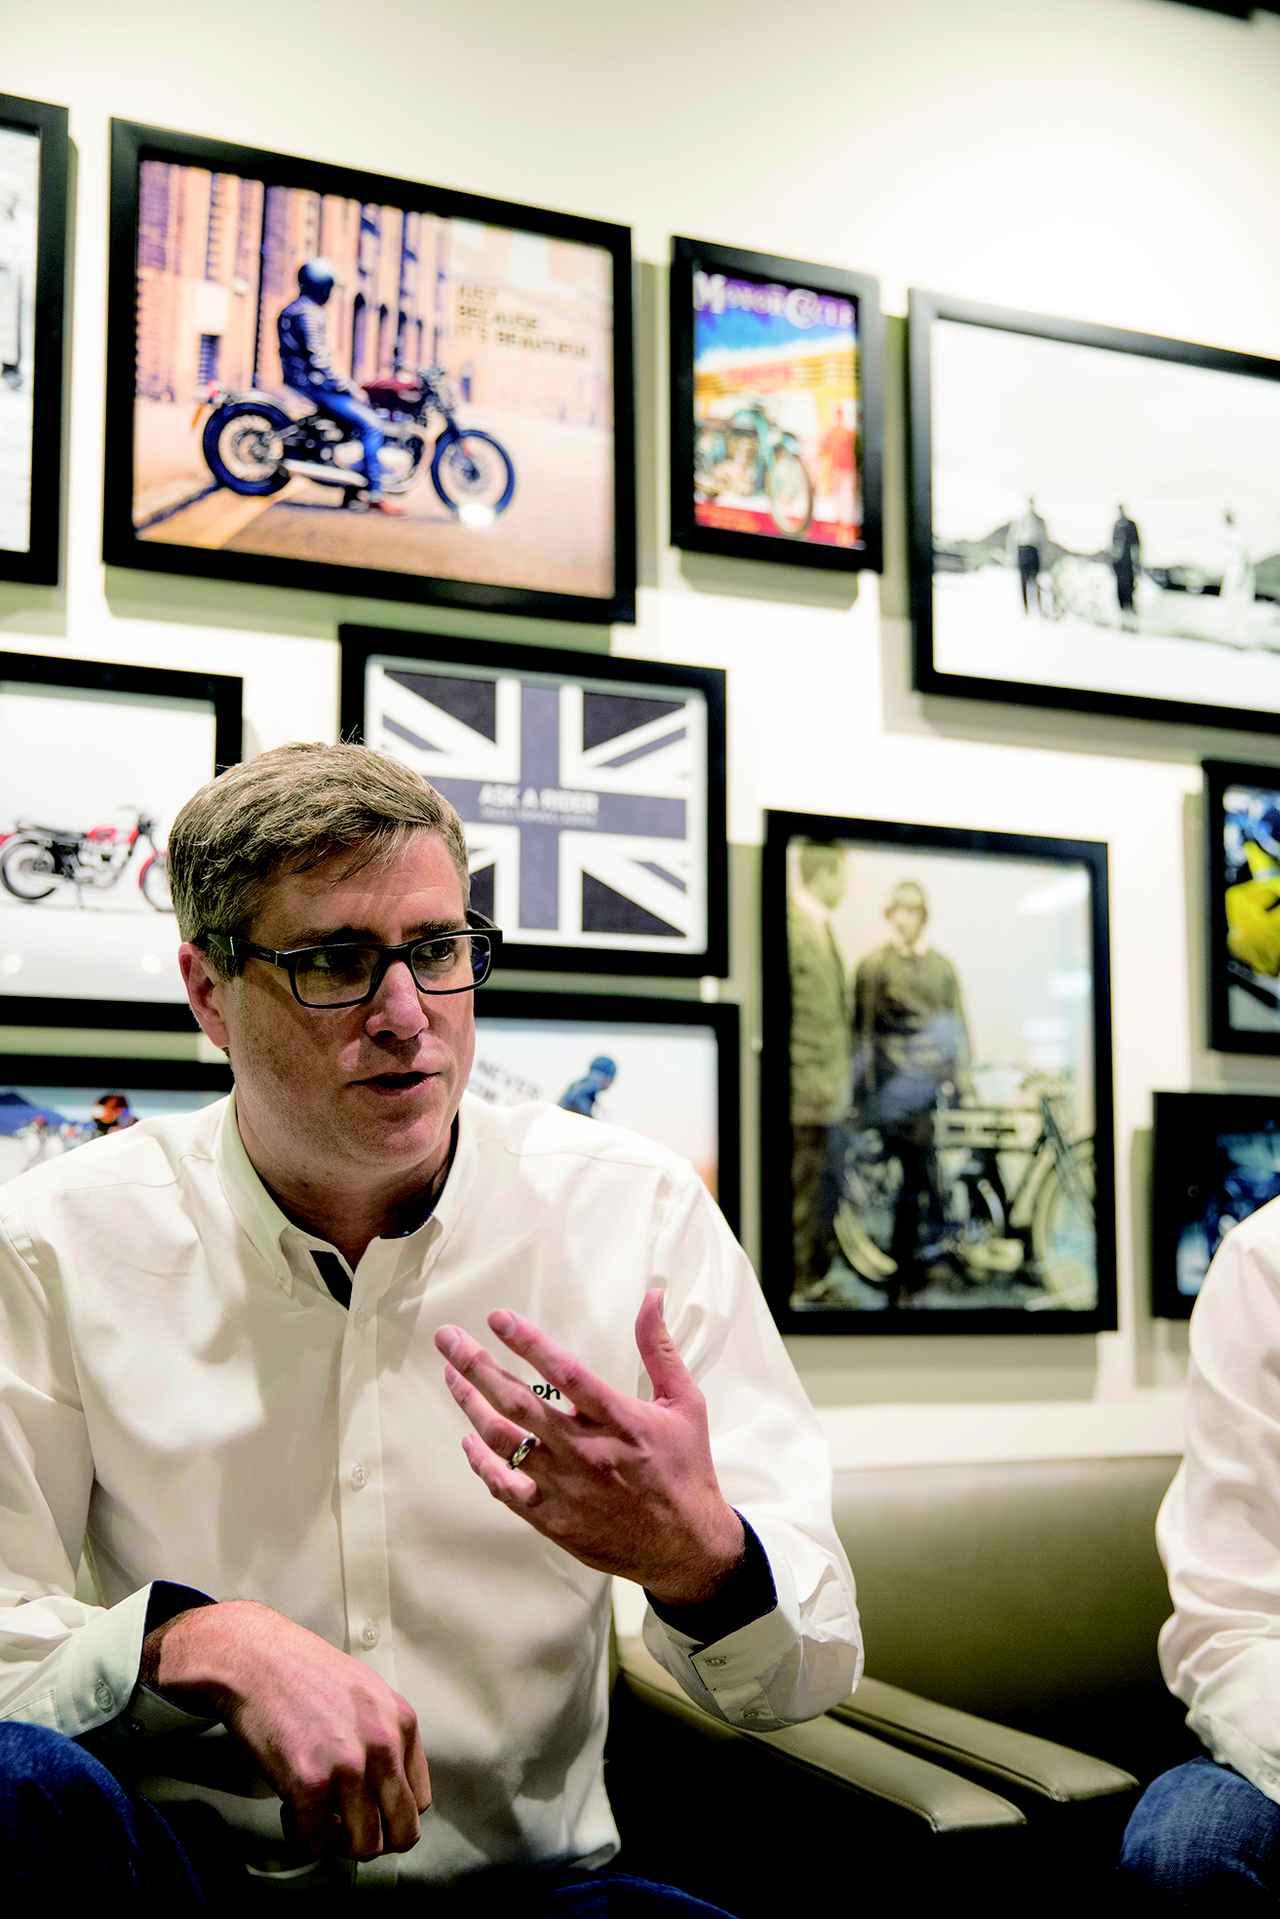 画像: 98年に入社し、開発、デザイン、マーケティングなど各部署を担当し、2011年に代表に就任。1977年、イギリス生まれの40歳